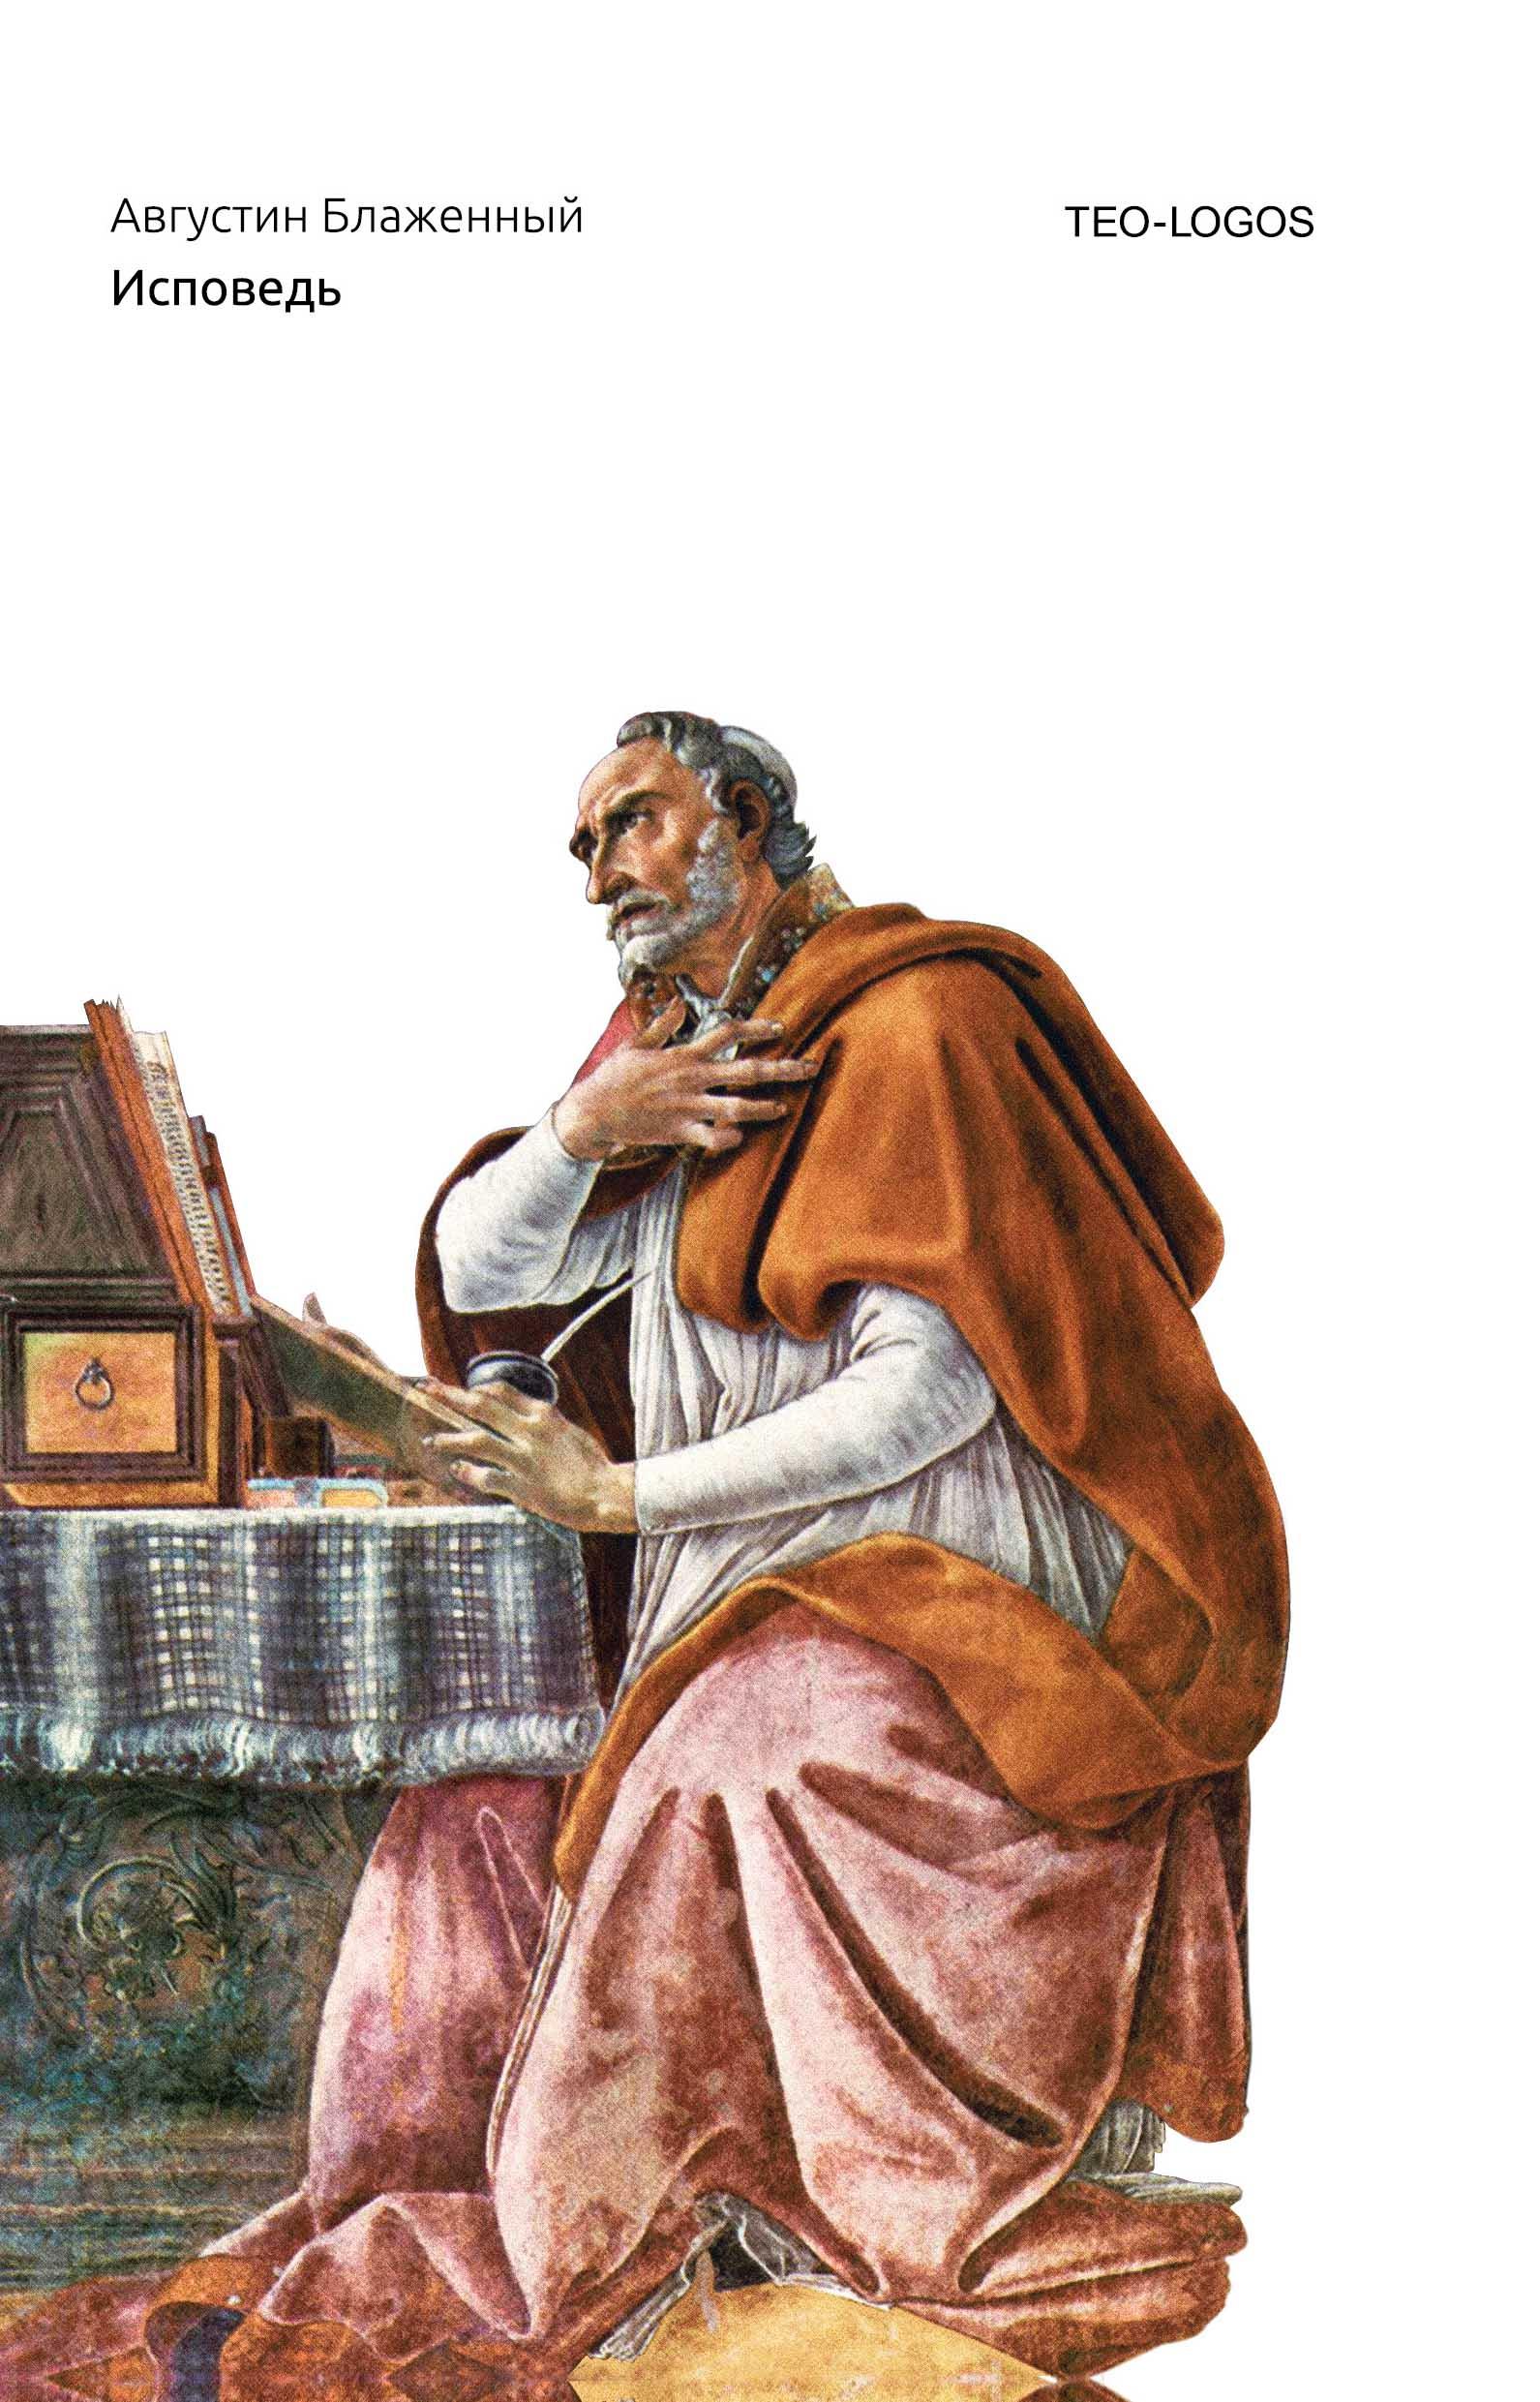 Августин Блаженный Исповедь о августин цикл лекций протестантизм